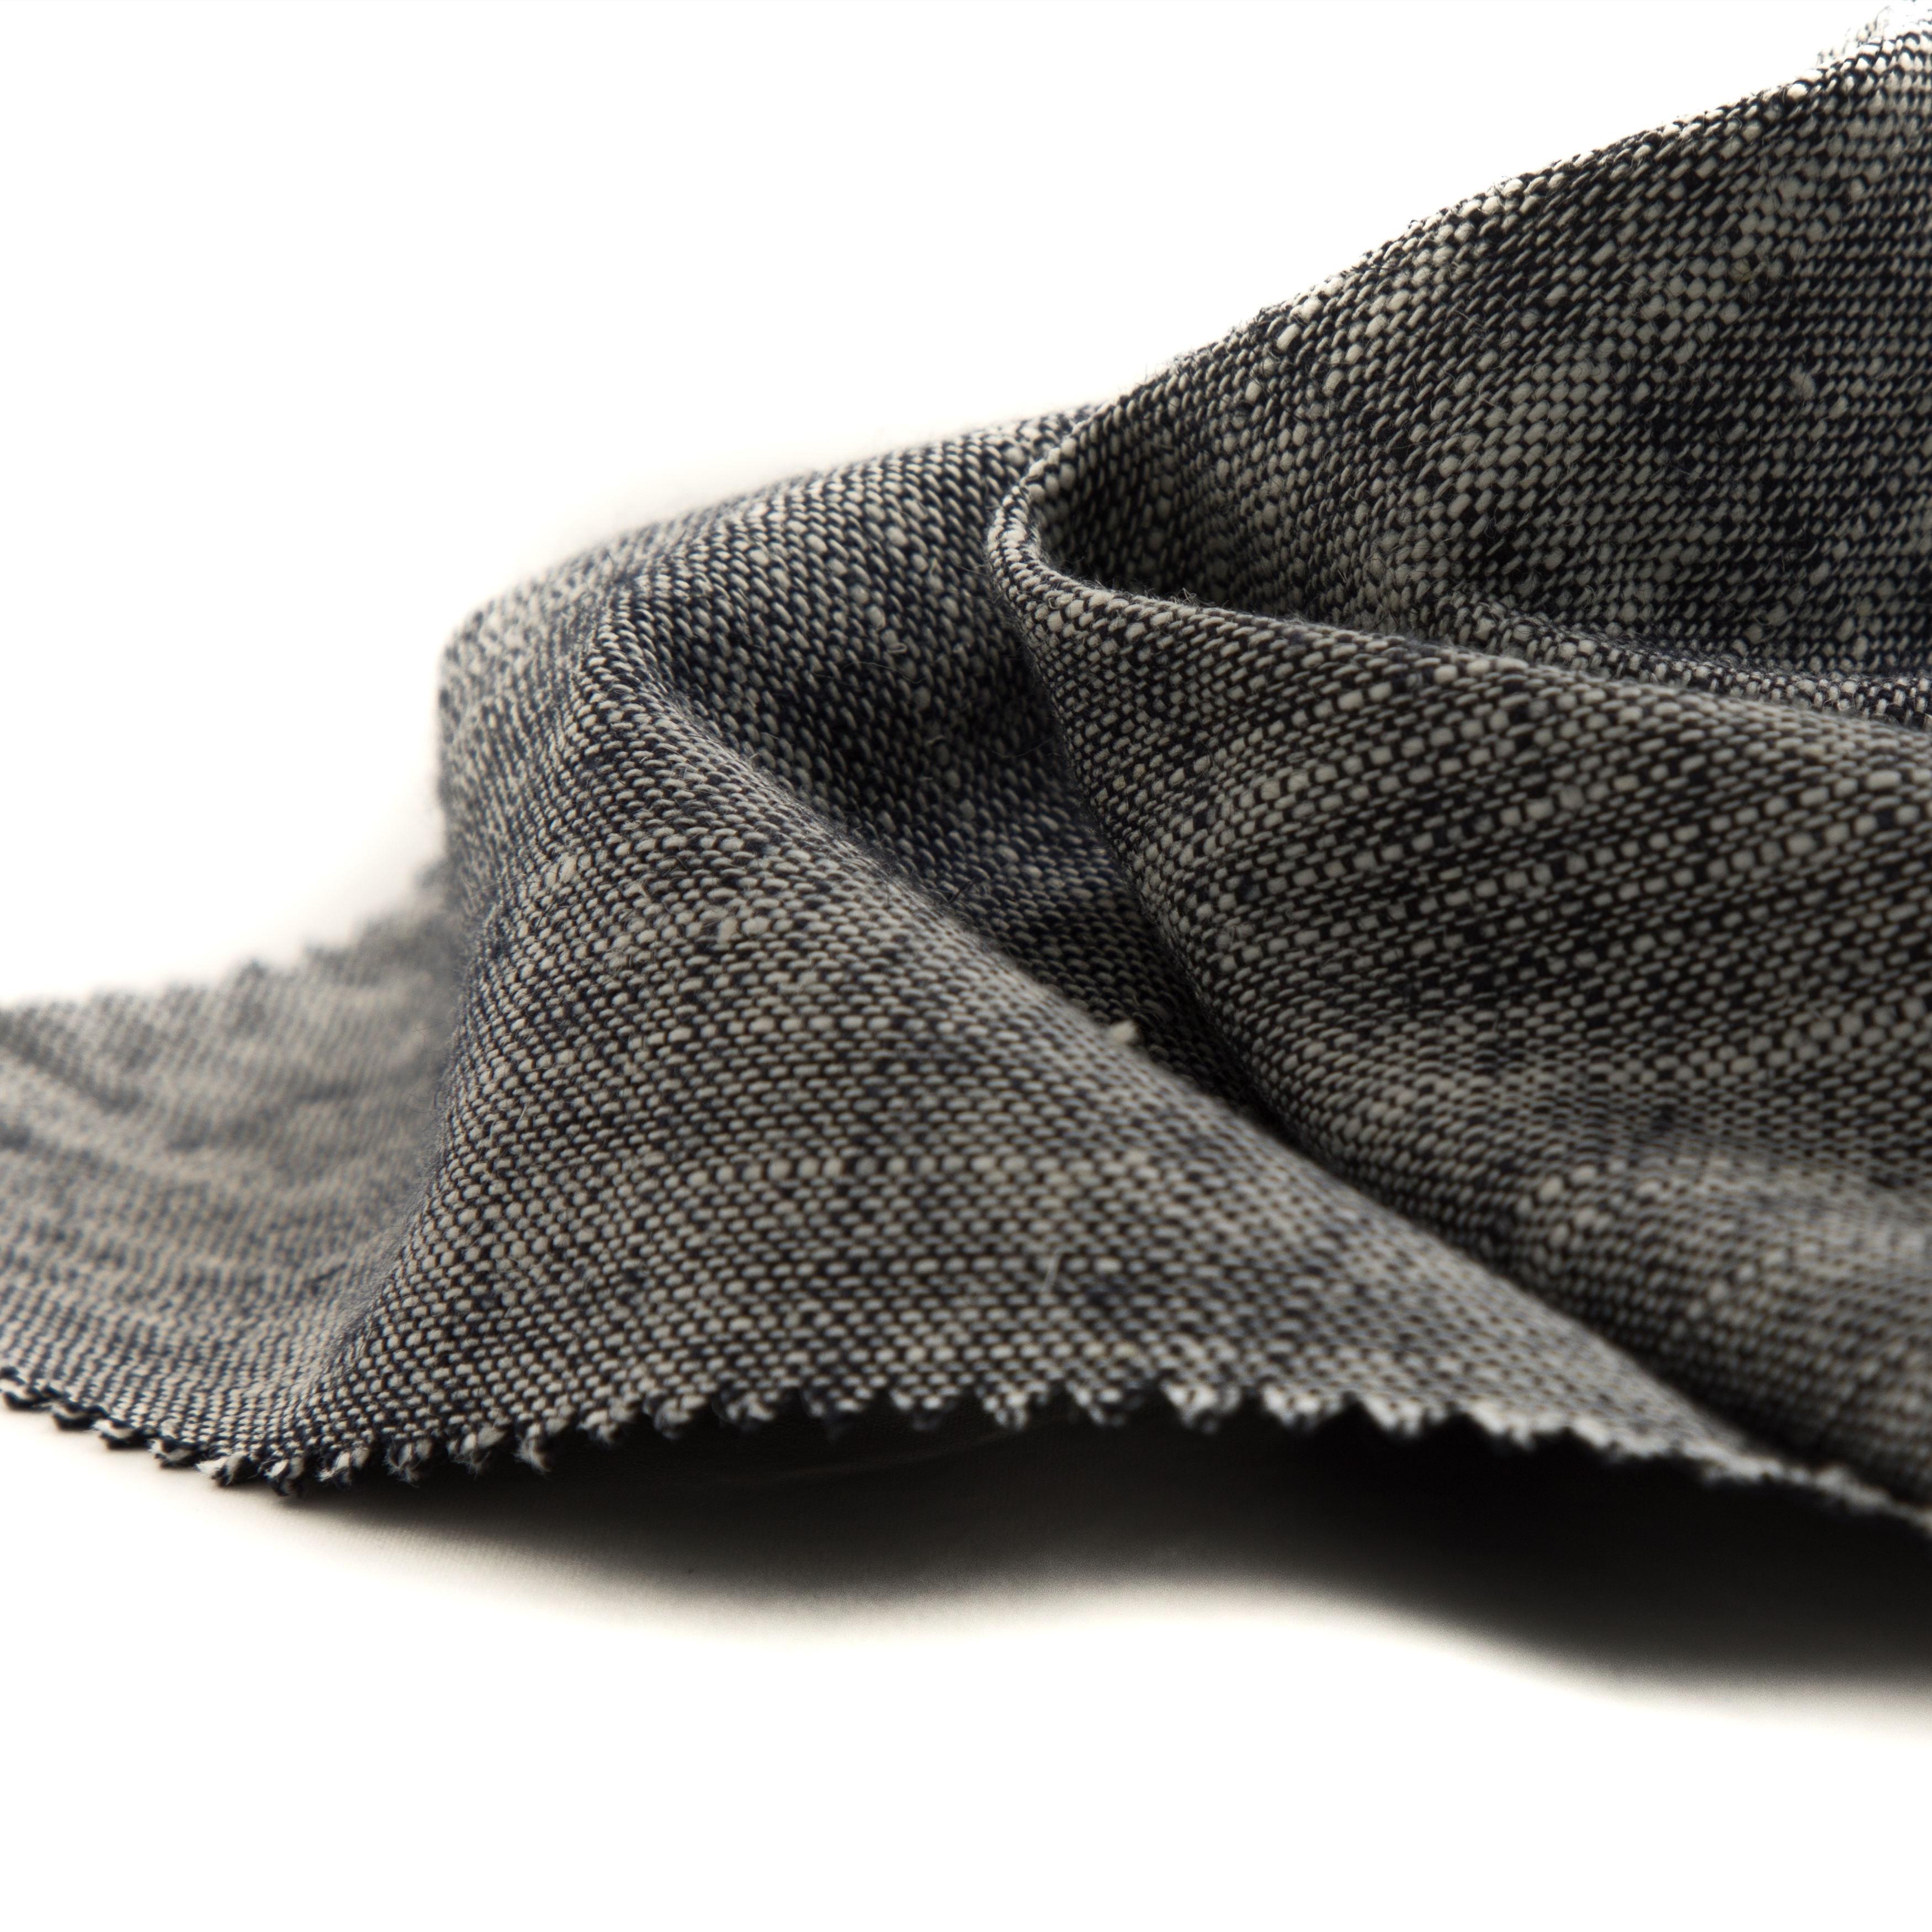 55 хлопковая 45 льняная пряжа, окрашенная композитная двухсторонняя трикотажная ткань с переводной прозрачной мембраной